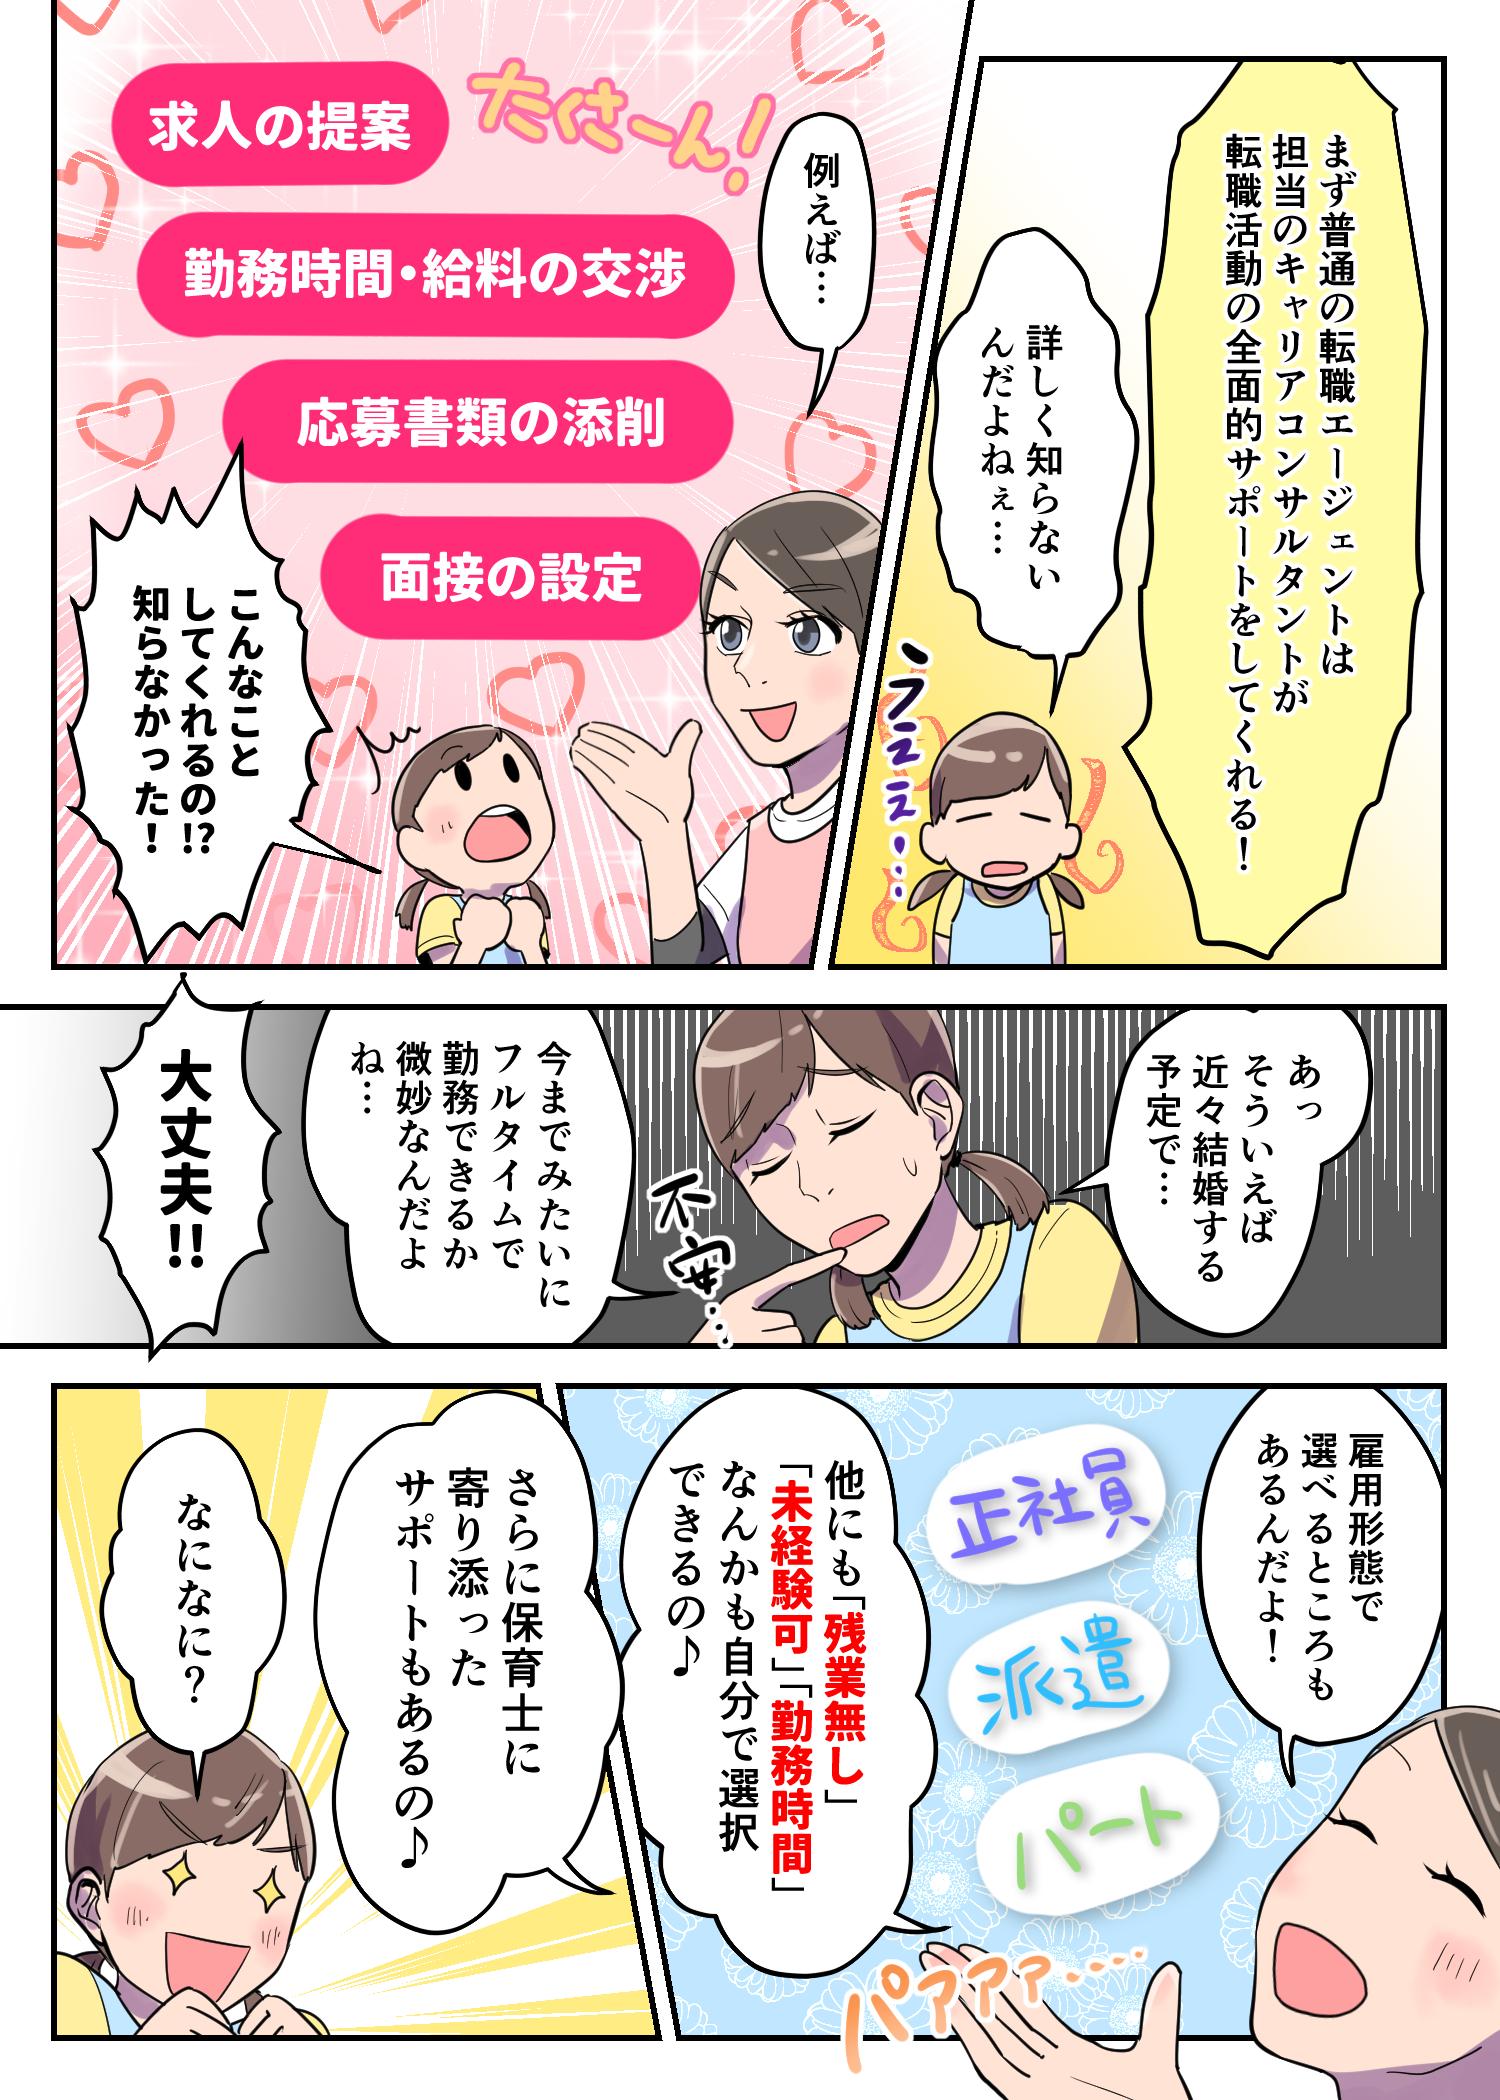 保育士のエージェントサービス解説漫画2